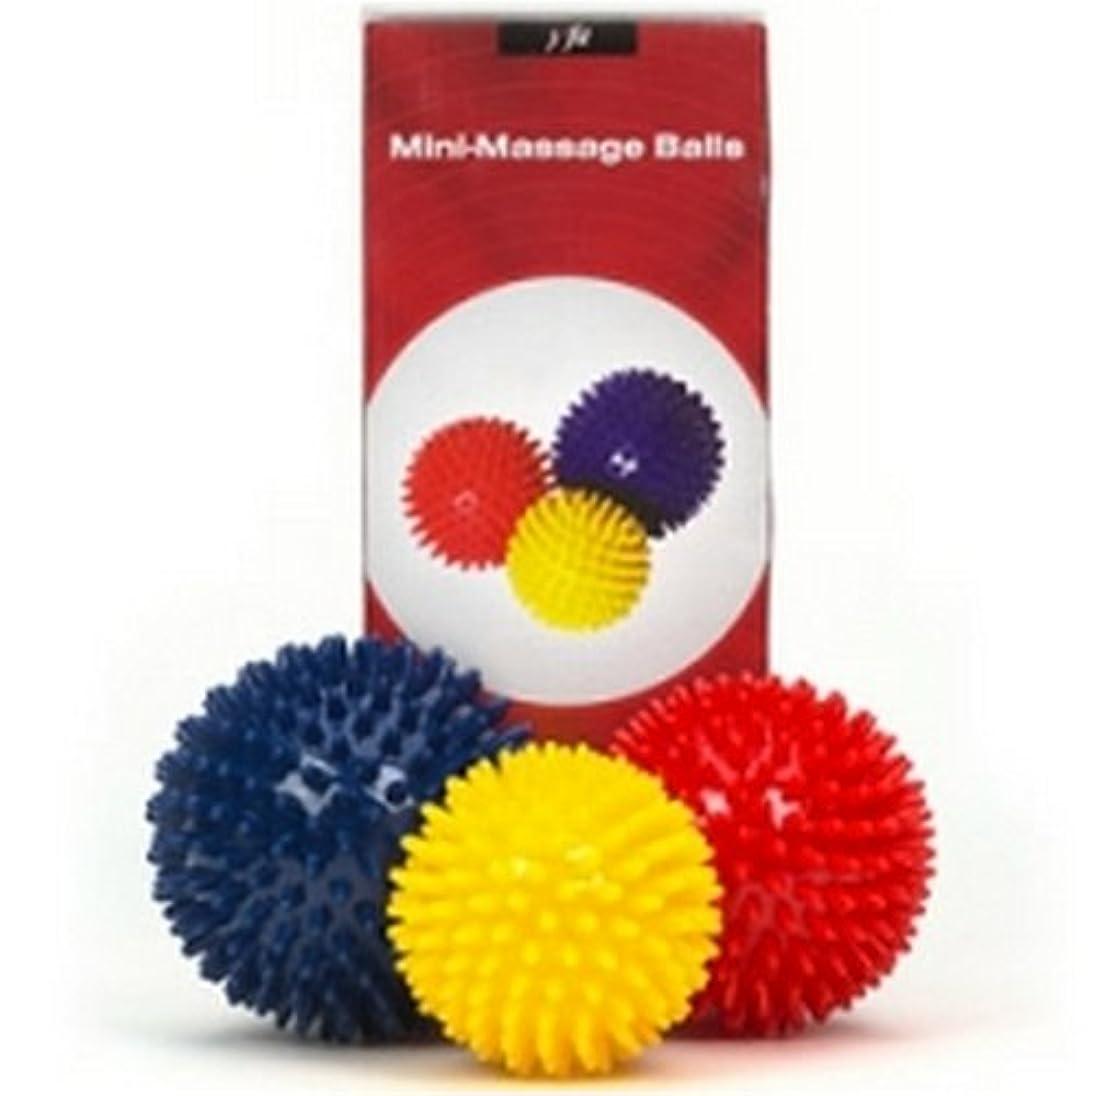 壊れた要塞ピラミッドJ-Fit Mini-Massage Balls 3 balls ?????